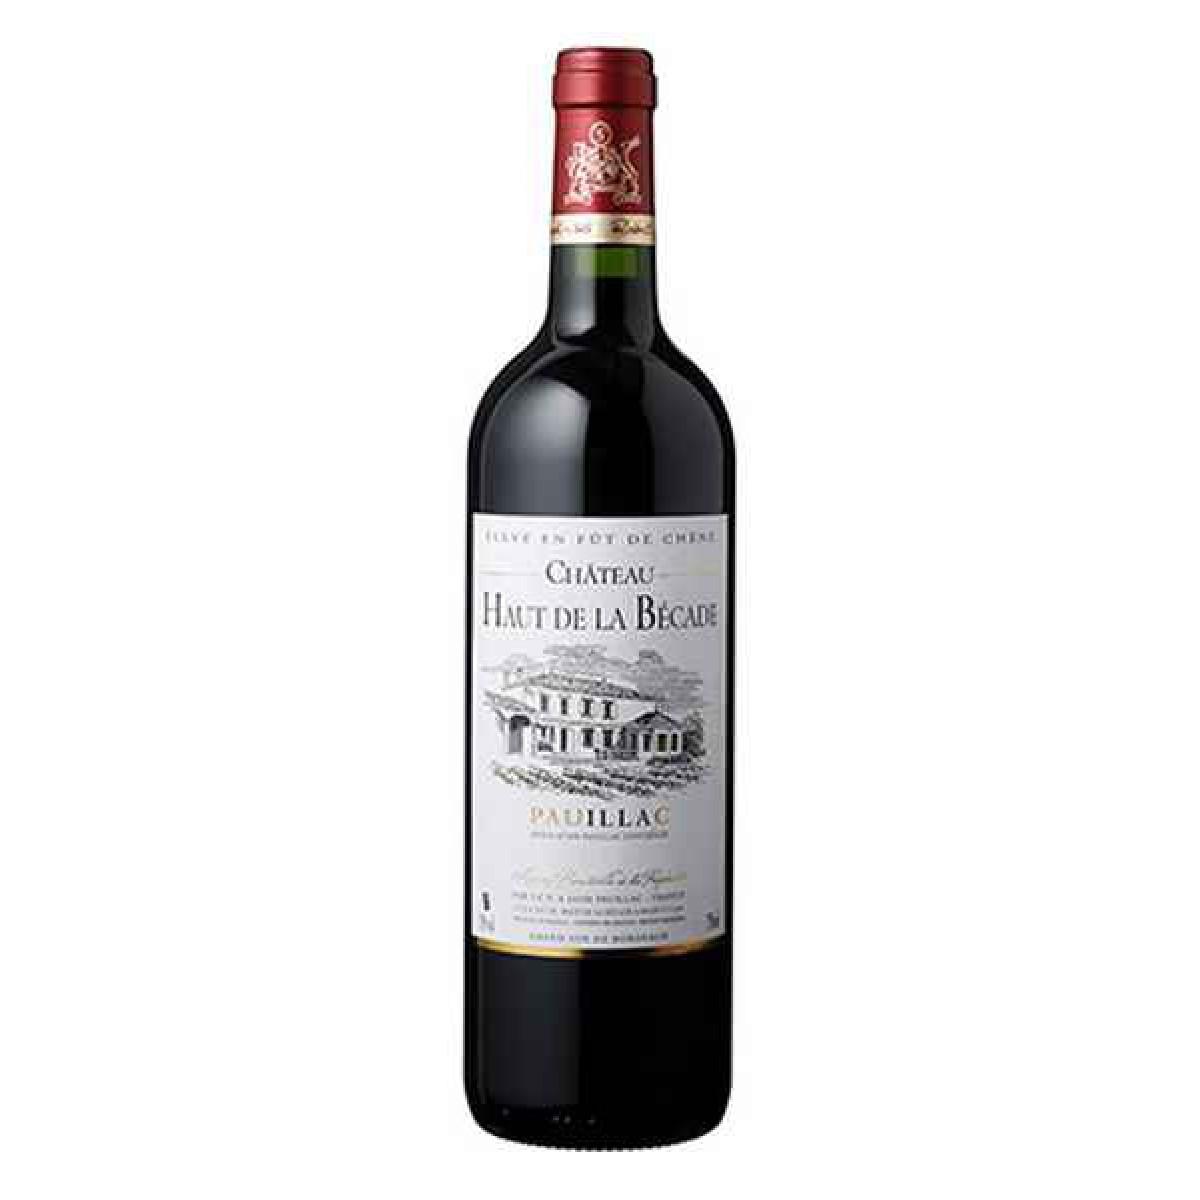 Pauillac vin, une belle appellation à découvrir ici